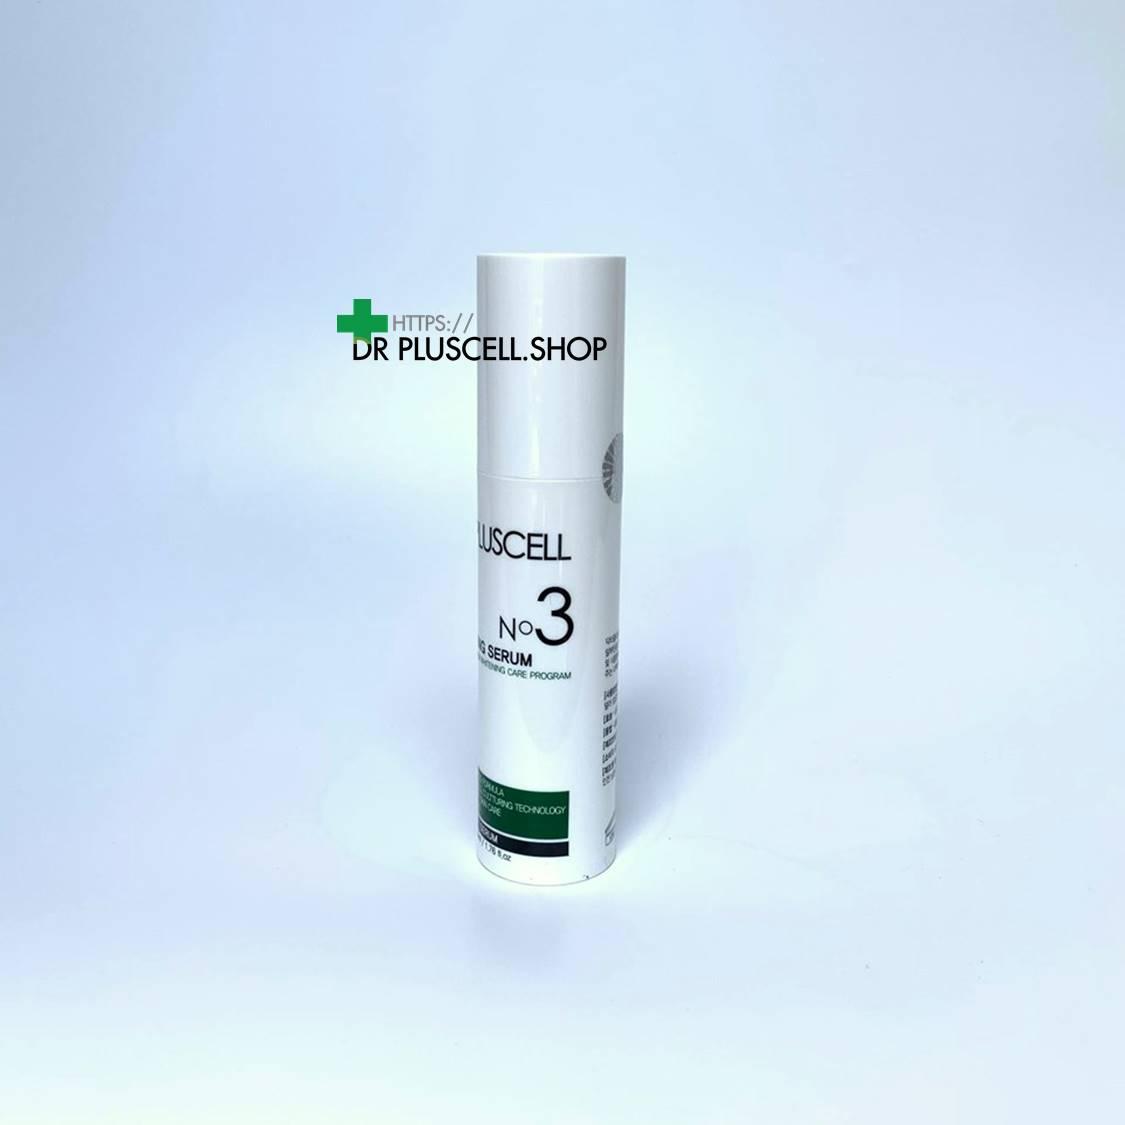 serum dưỡng trắng dr pluscell